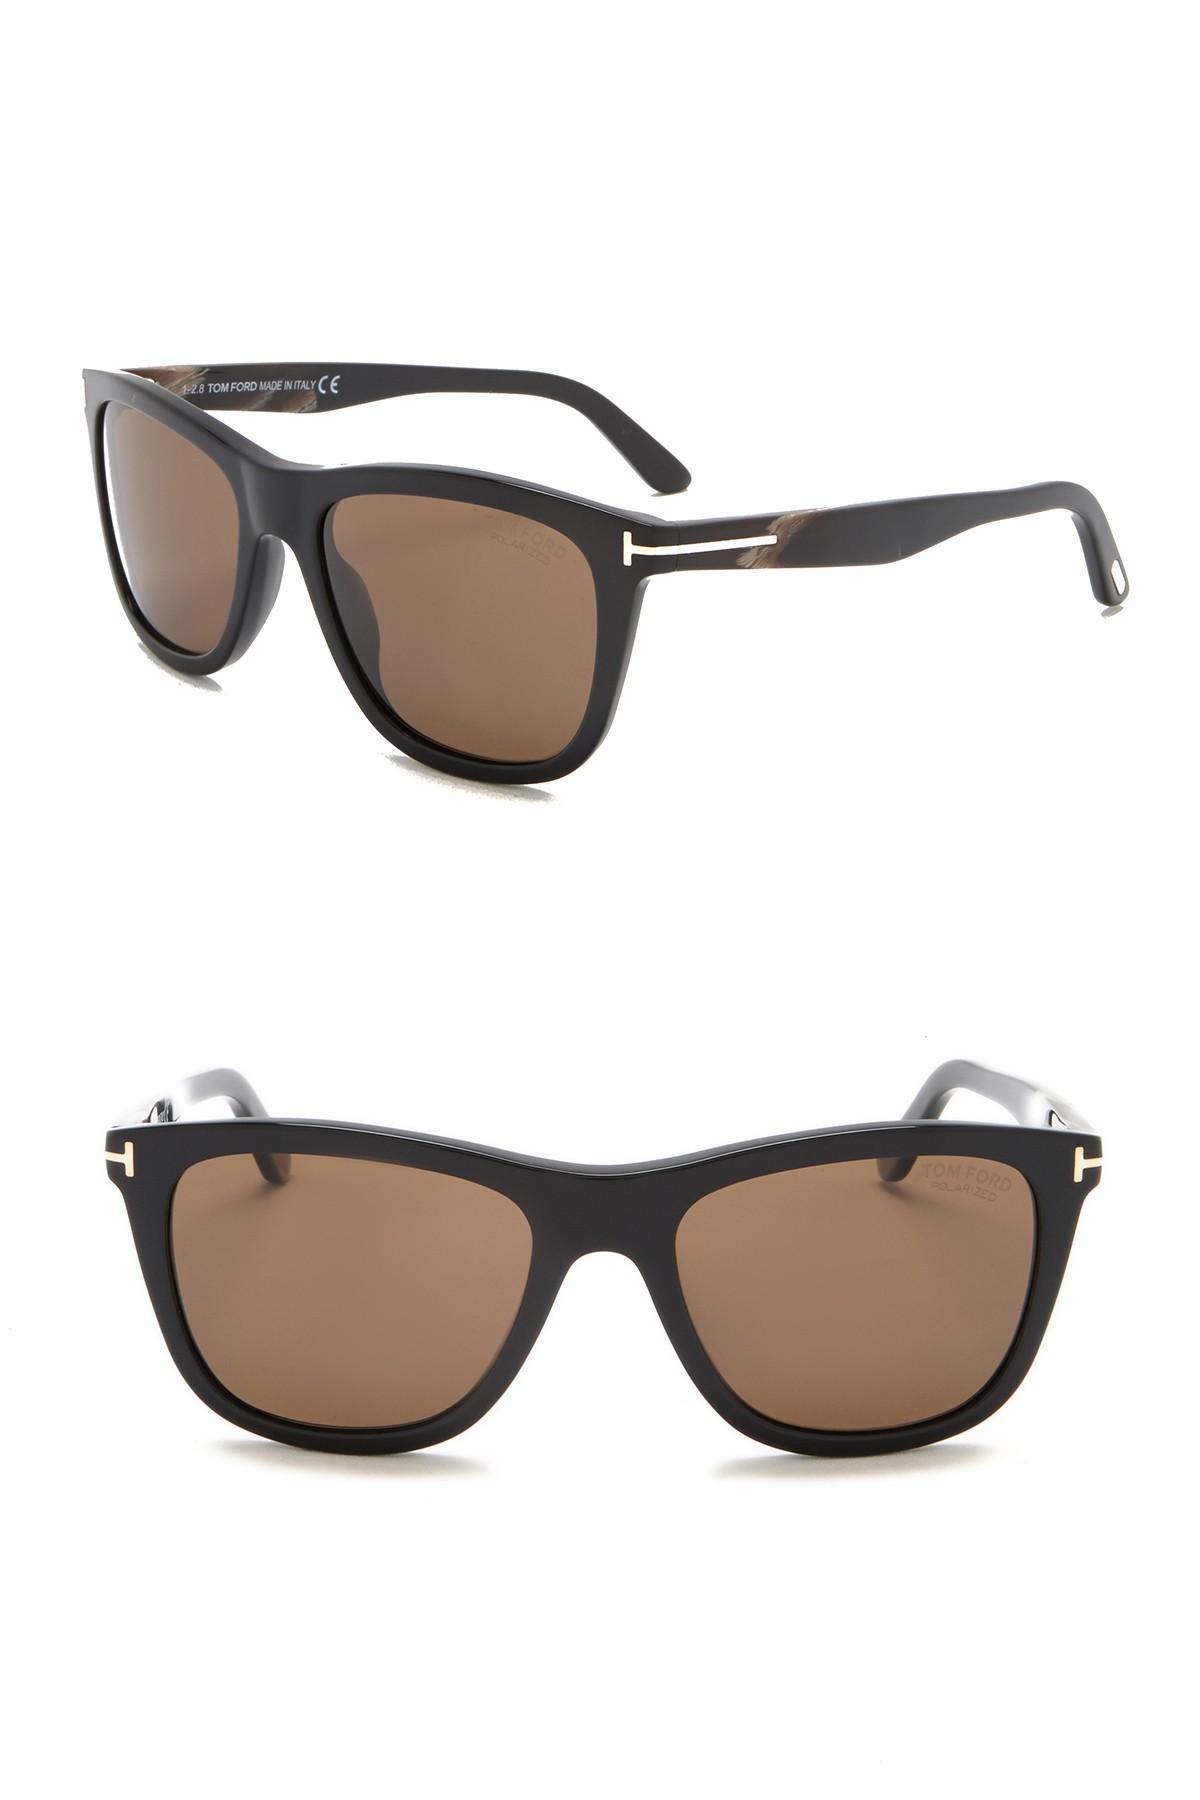 e065ed7c3cb34 Lyst - Tom Ford Andrew 54mm Retro Sunglasses in Brown for Men